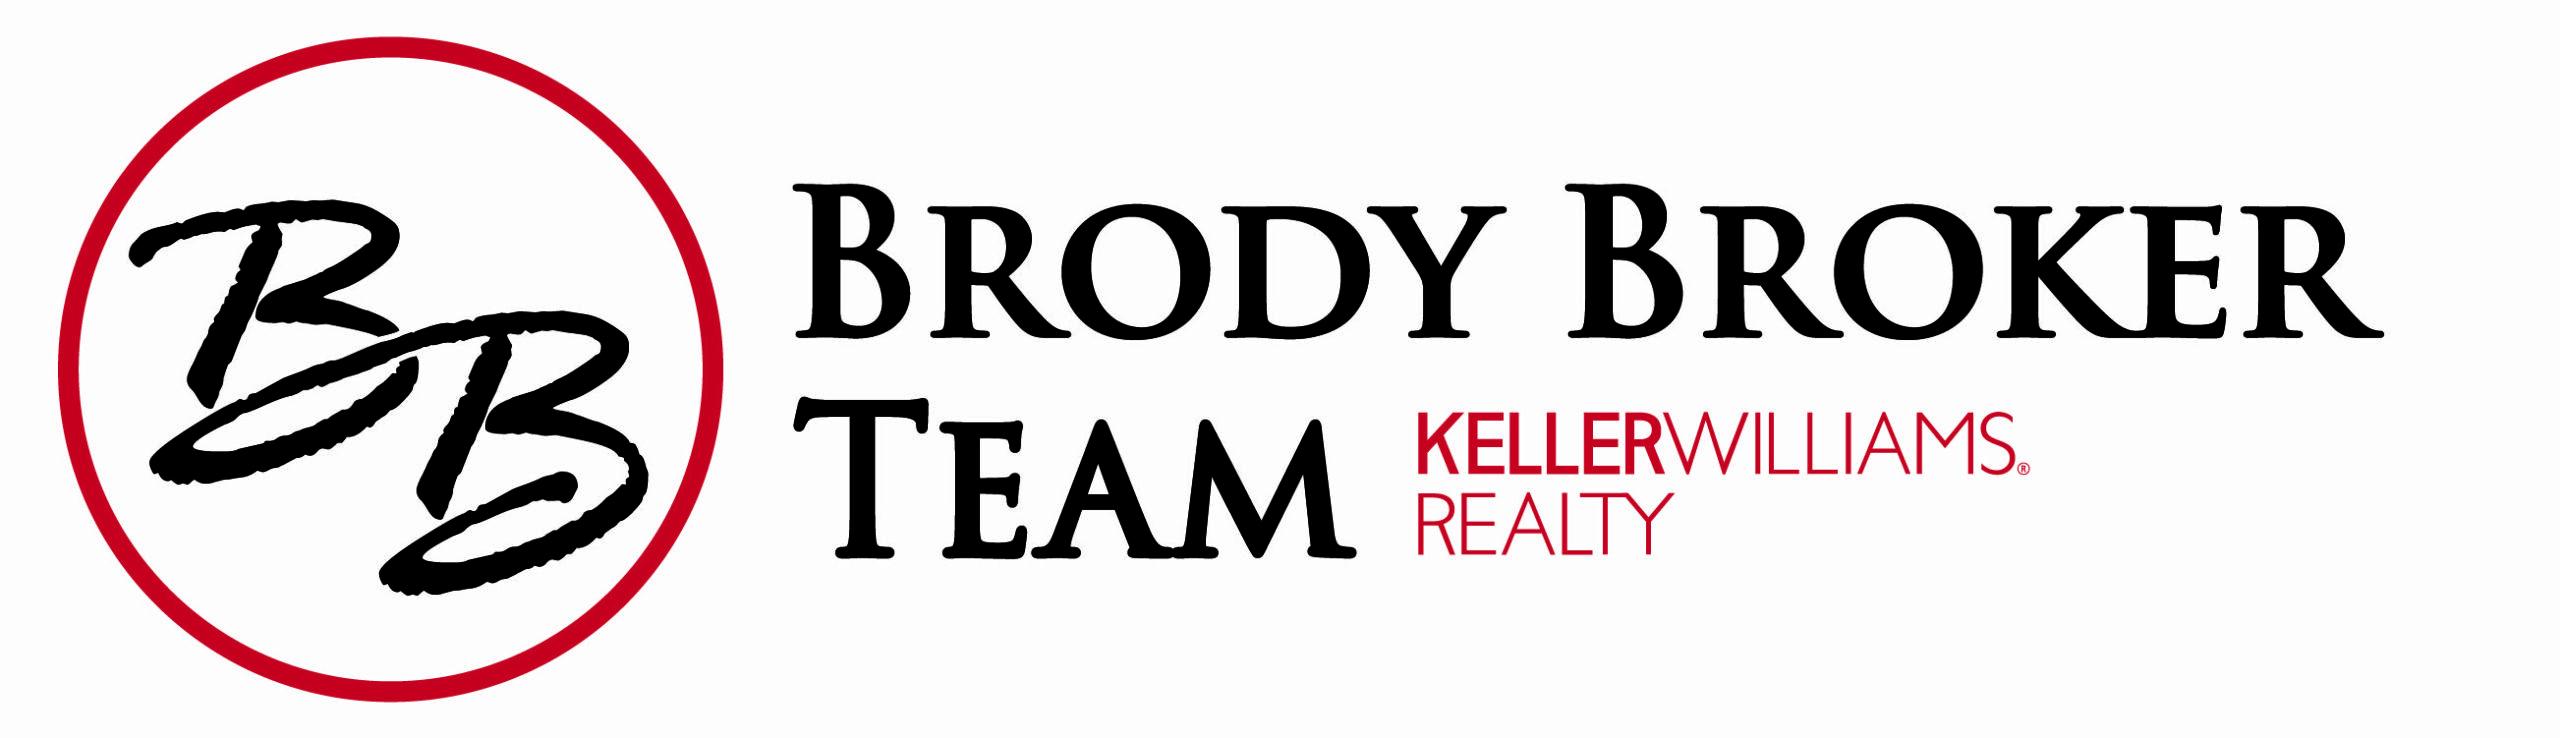 Brody Broker Real Estate